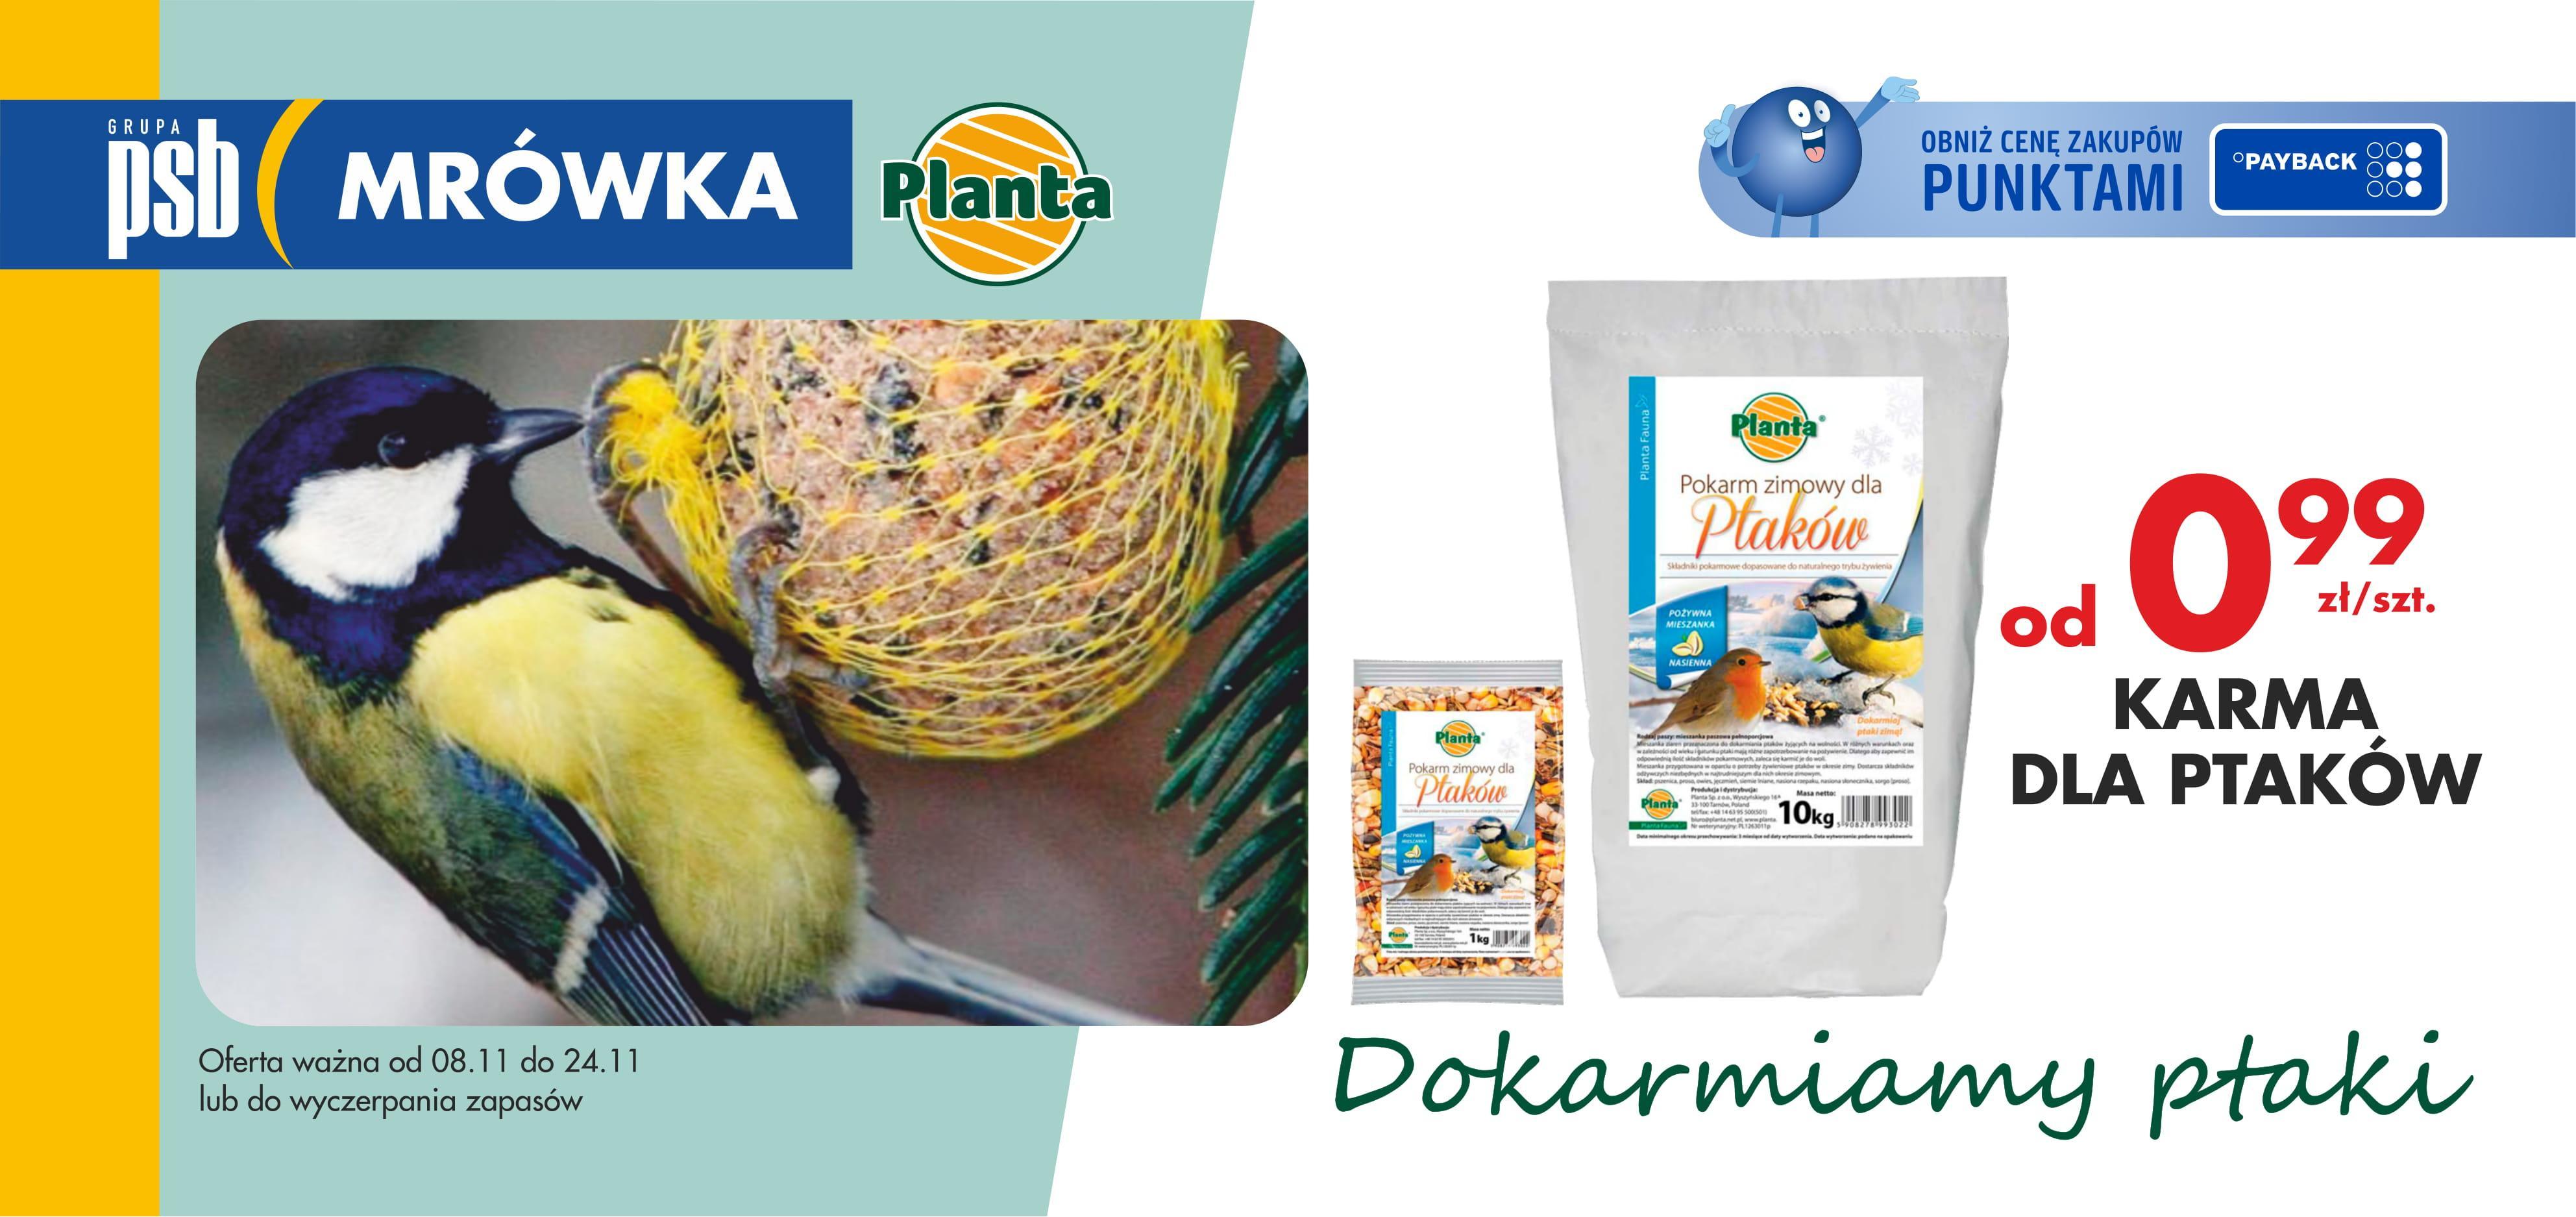 Promocja-Dokarmiamy-ptaki-504x238-1